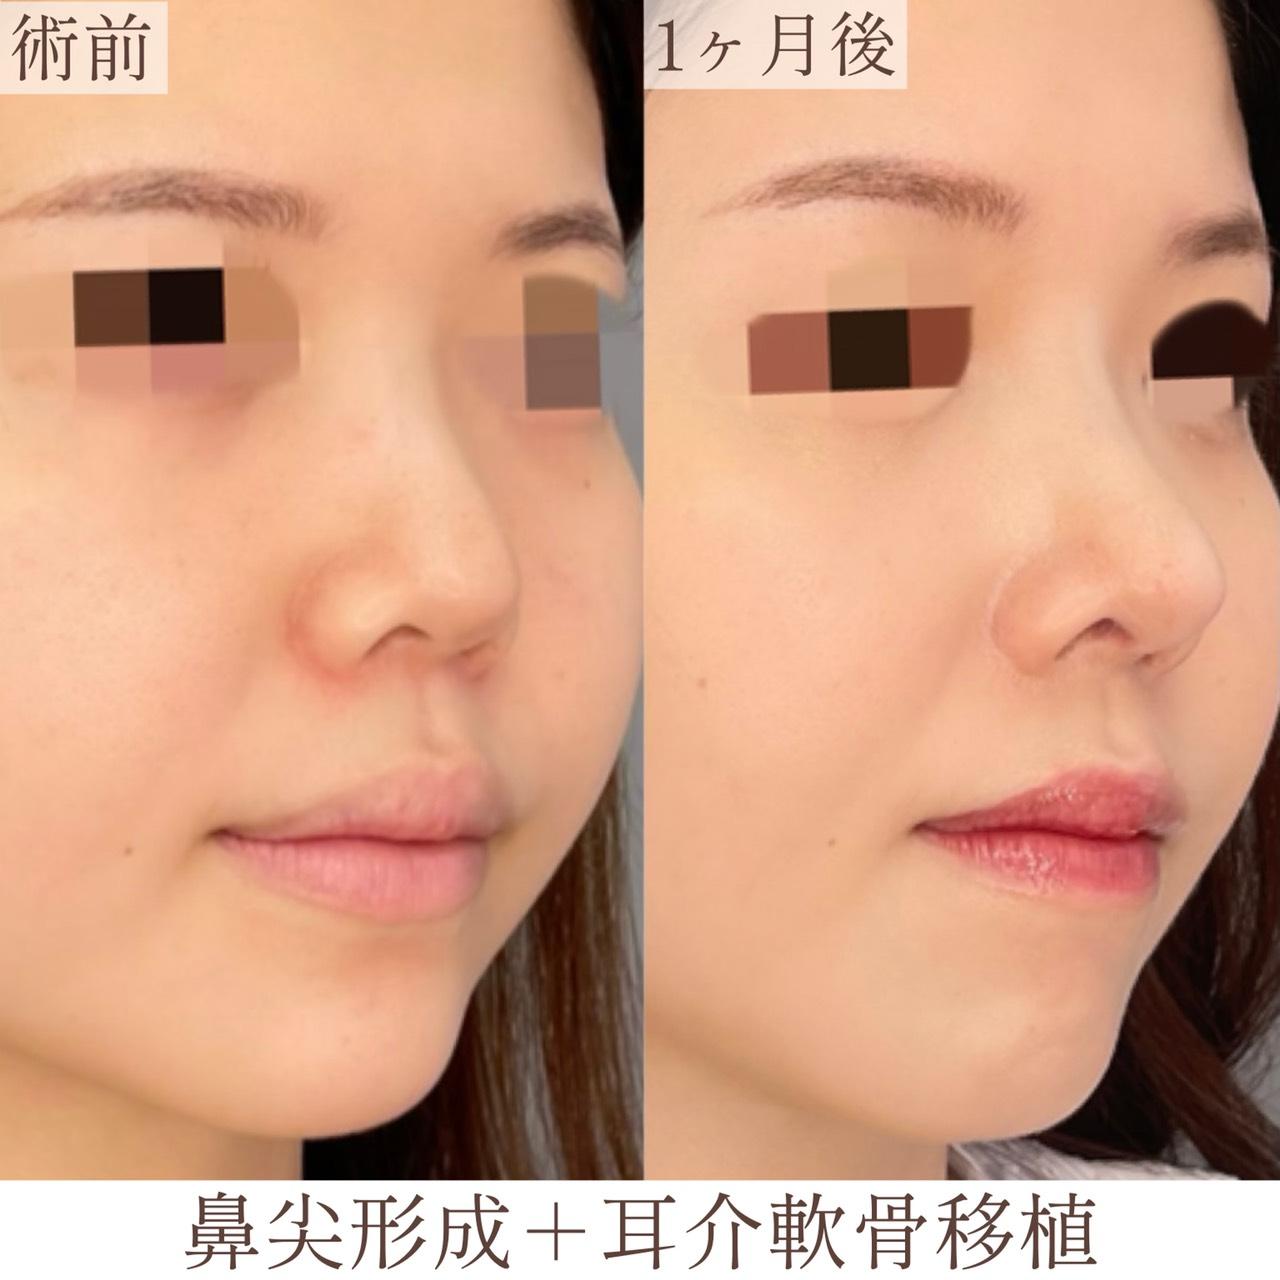 鼻尖形成・耳介軟骨移植の画像